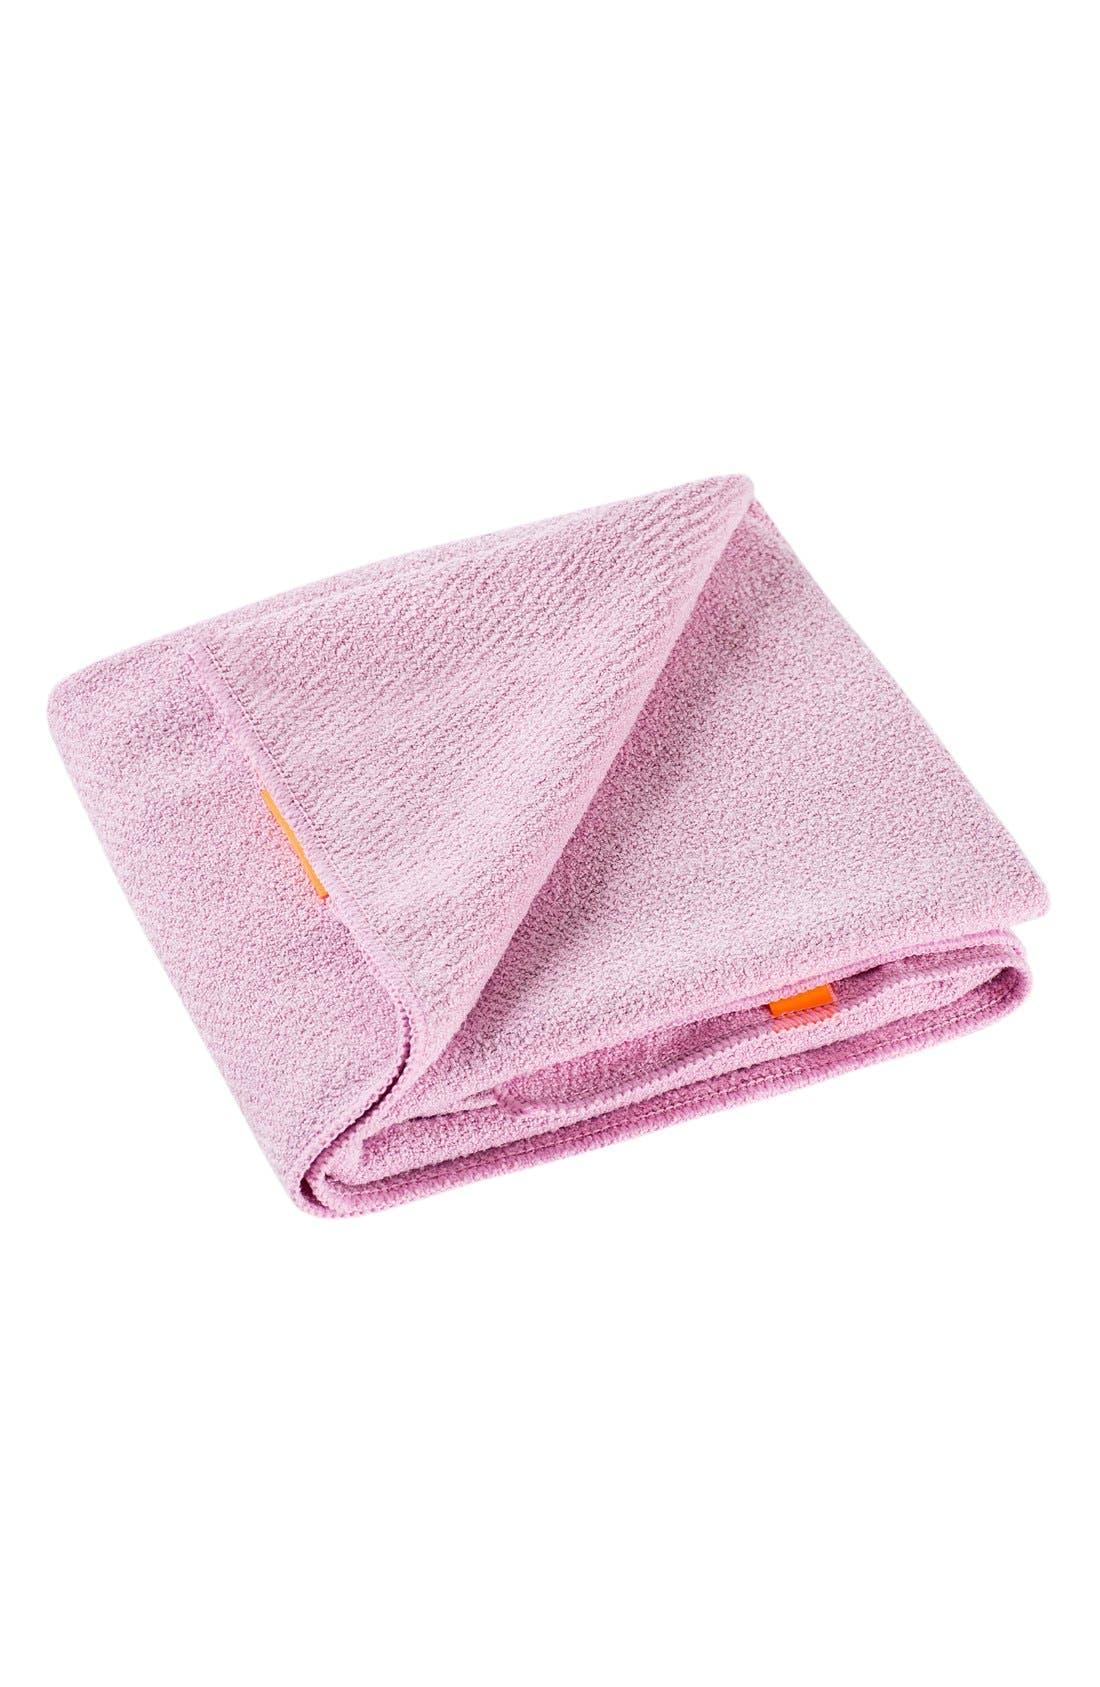 AQUIS, Lisse Luxe Desert Rose Hair Towel, Main thumbnail 1, color, DESERT ROSE